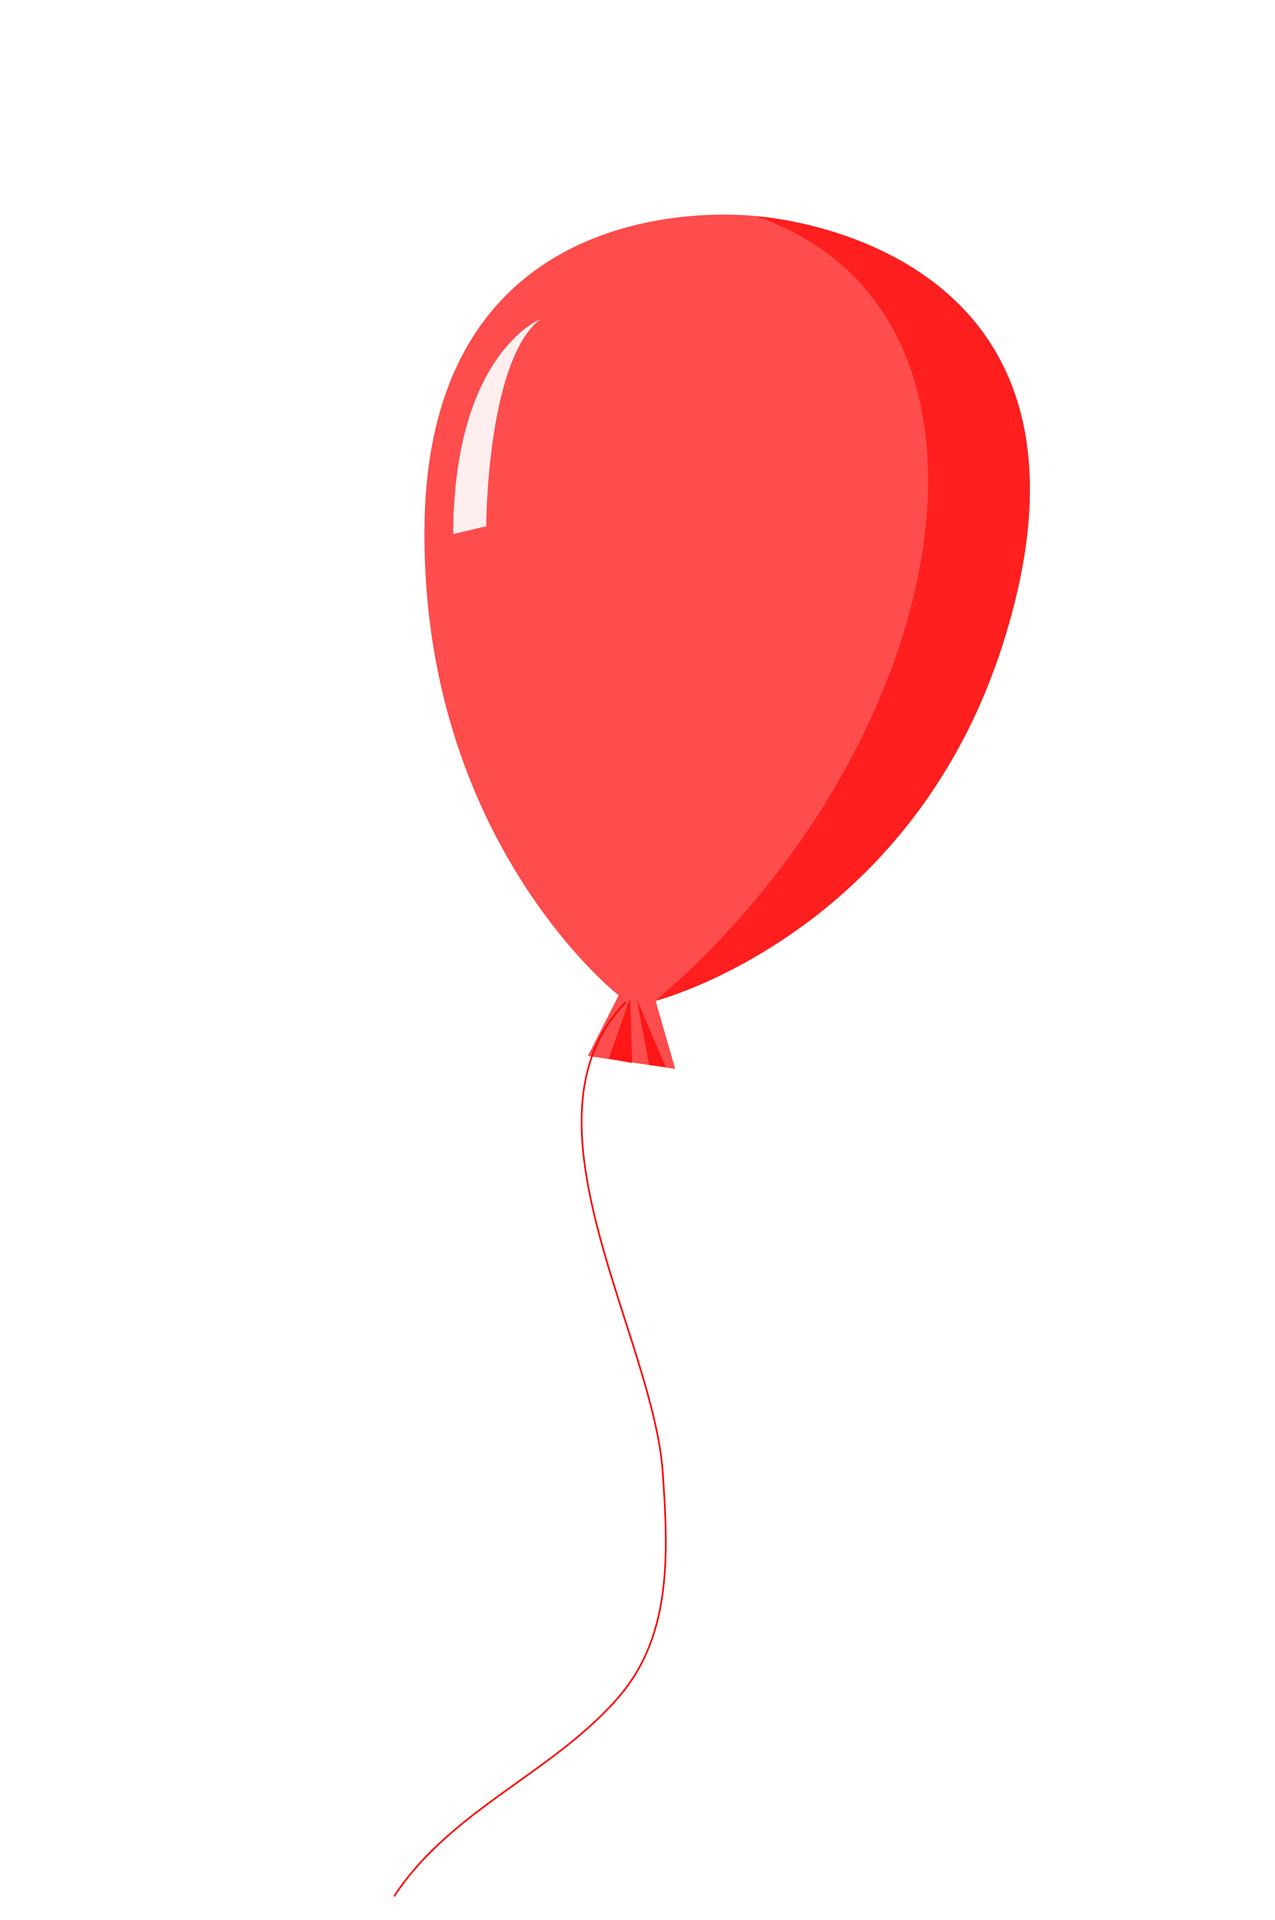 Balloon clipart 2